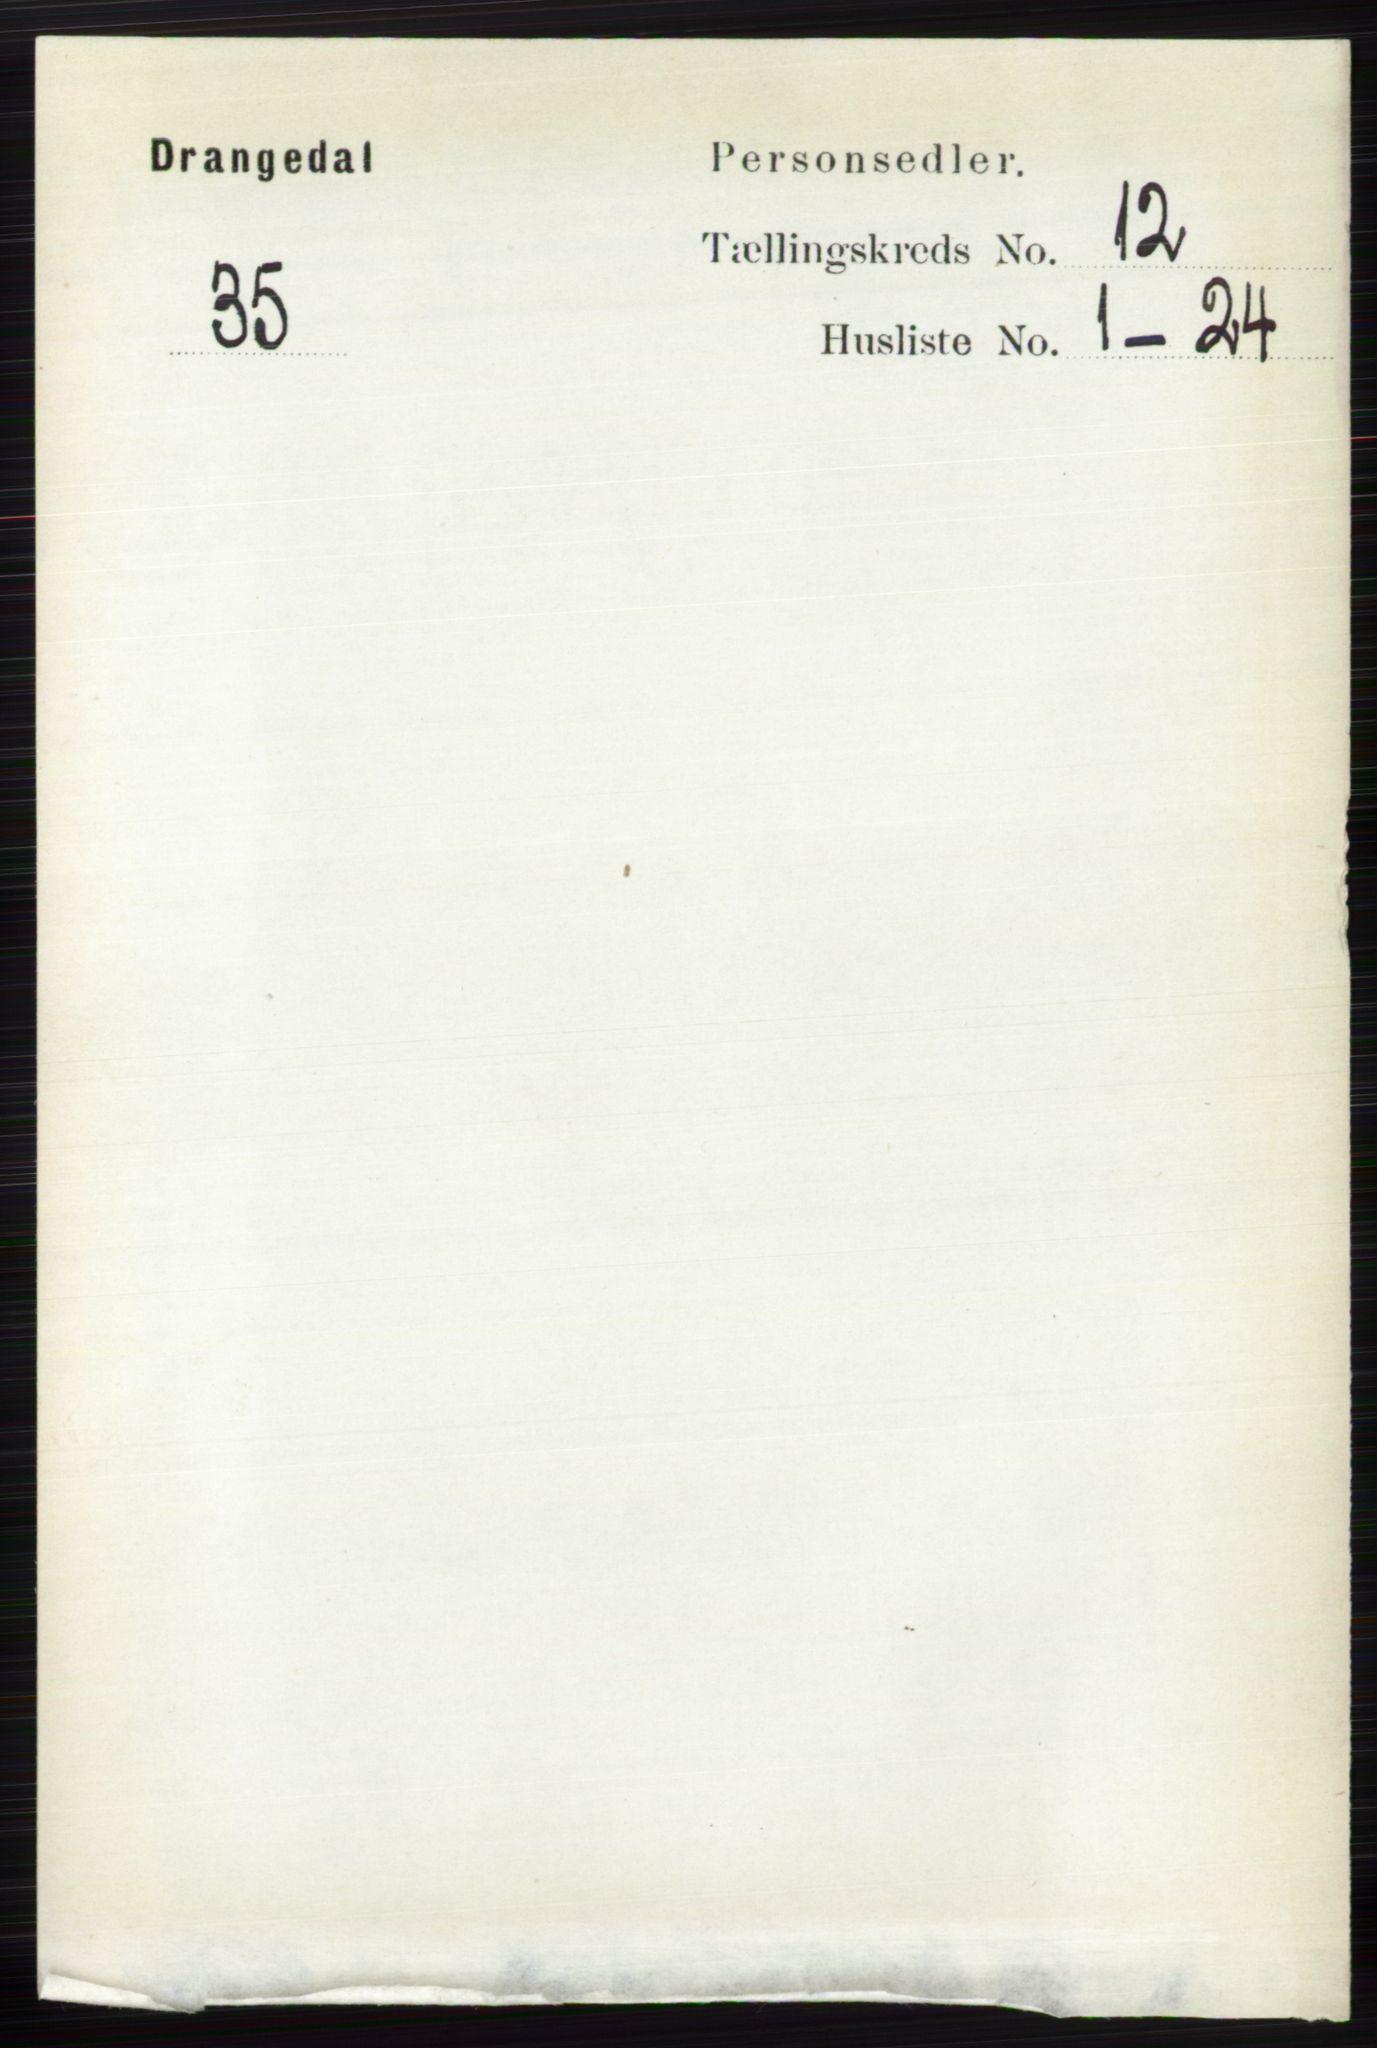 RA, Folketelling 1891 for 0817 Drangedal herred, 1891, s. 4360